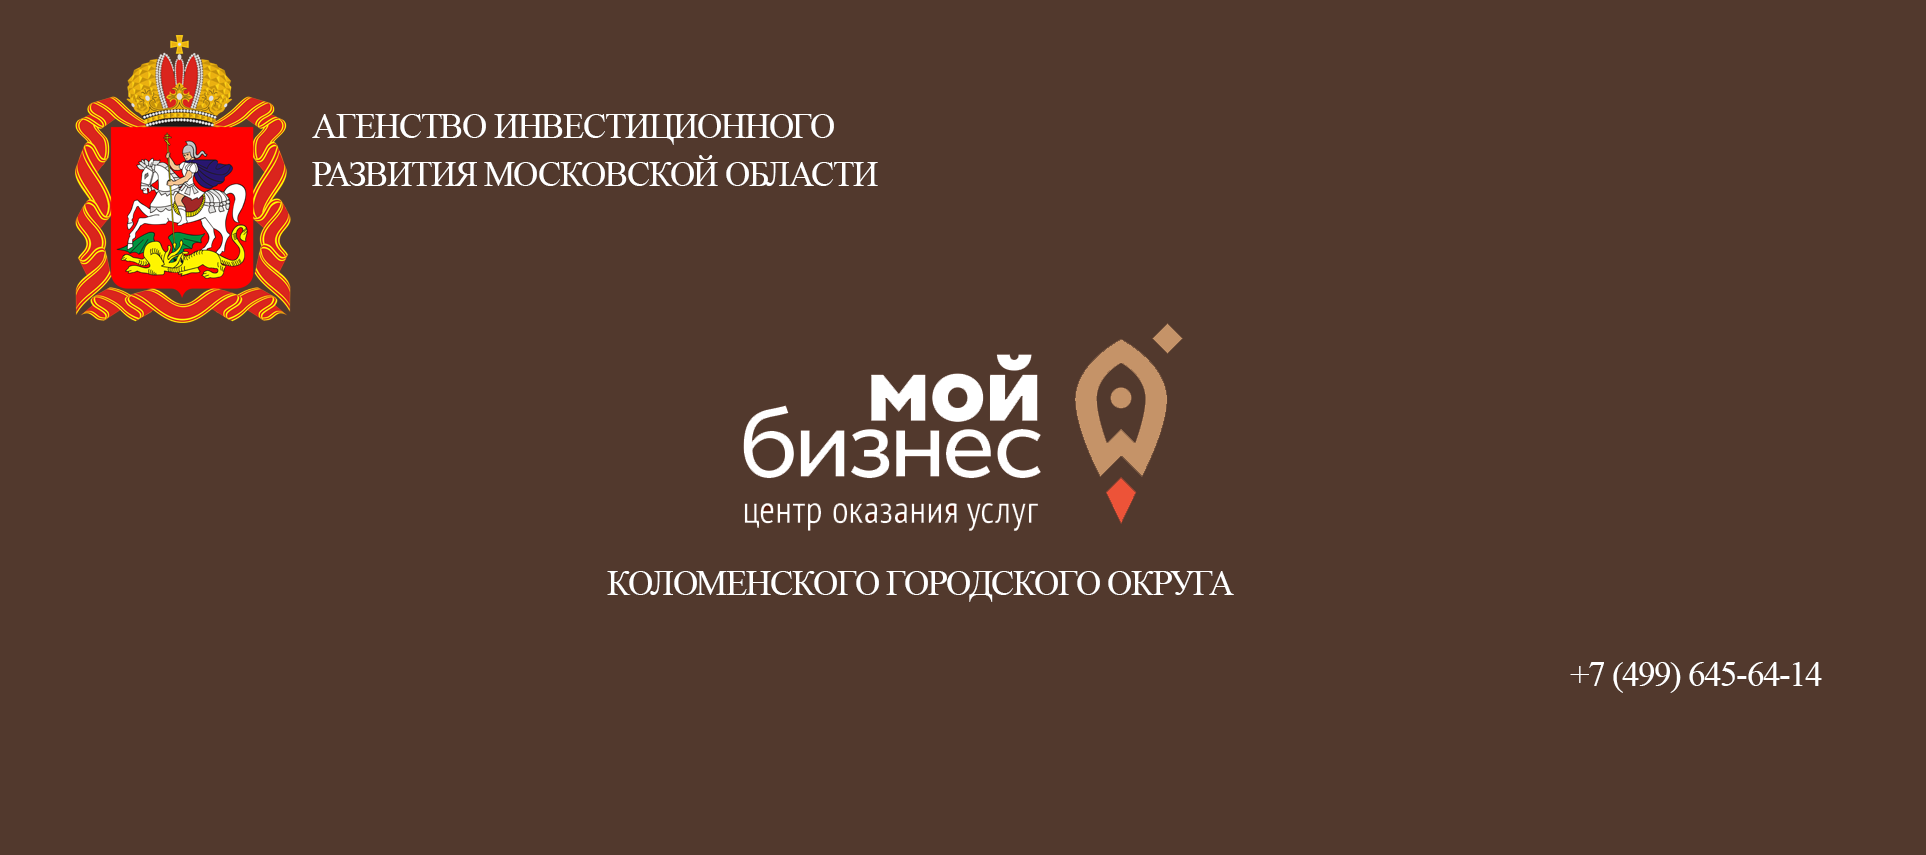 Центр «Мой бизнес» Коломенского г.о.